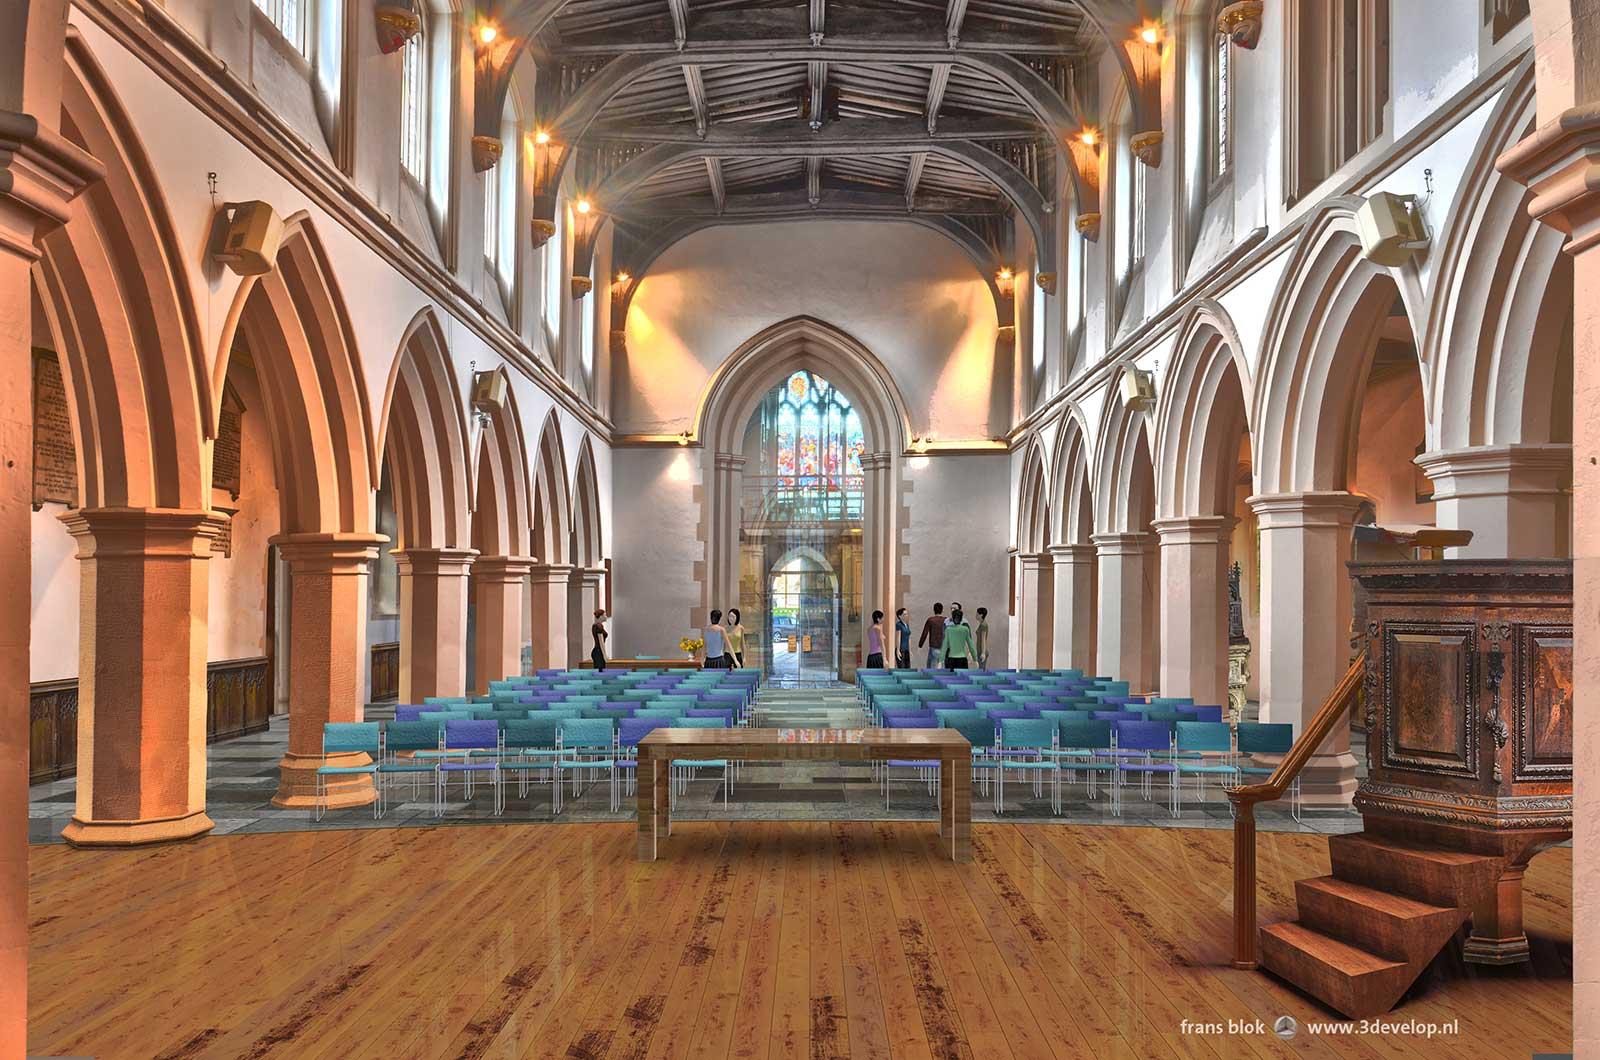 Interieurimpressie van St.Mary's church in Watford na renovatie, kijkend vanaf het houten podium in de richting van de kerkzaal en de hoofdentree